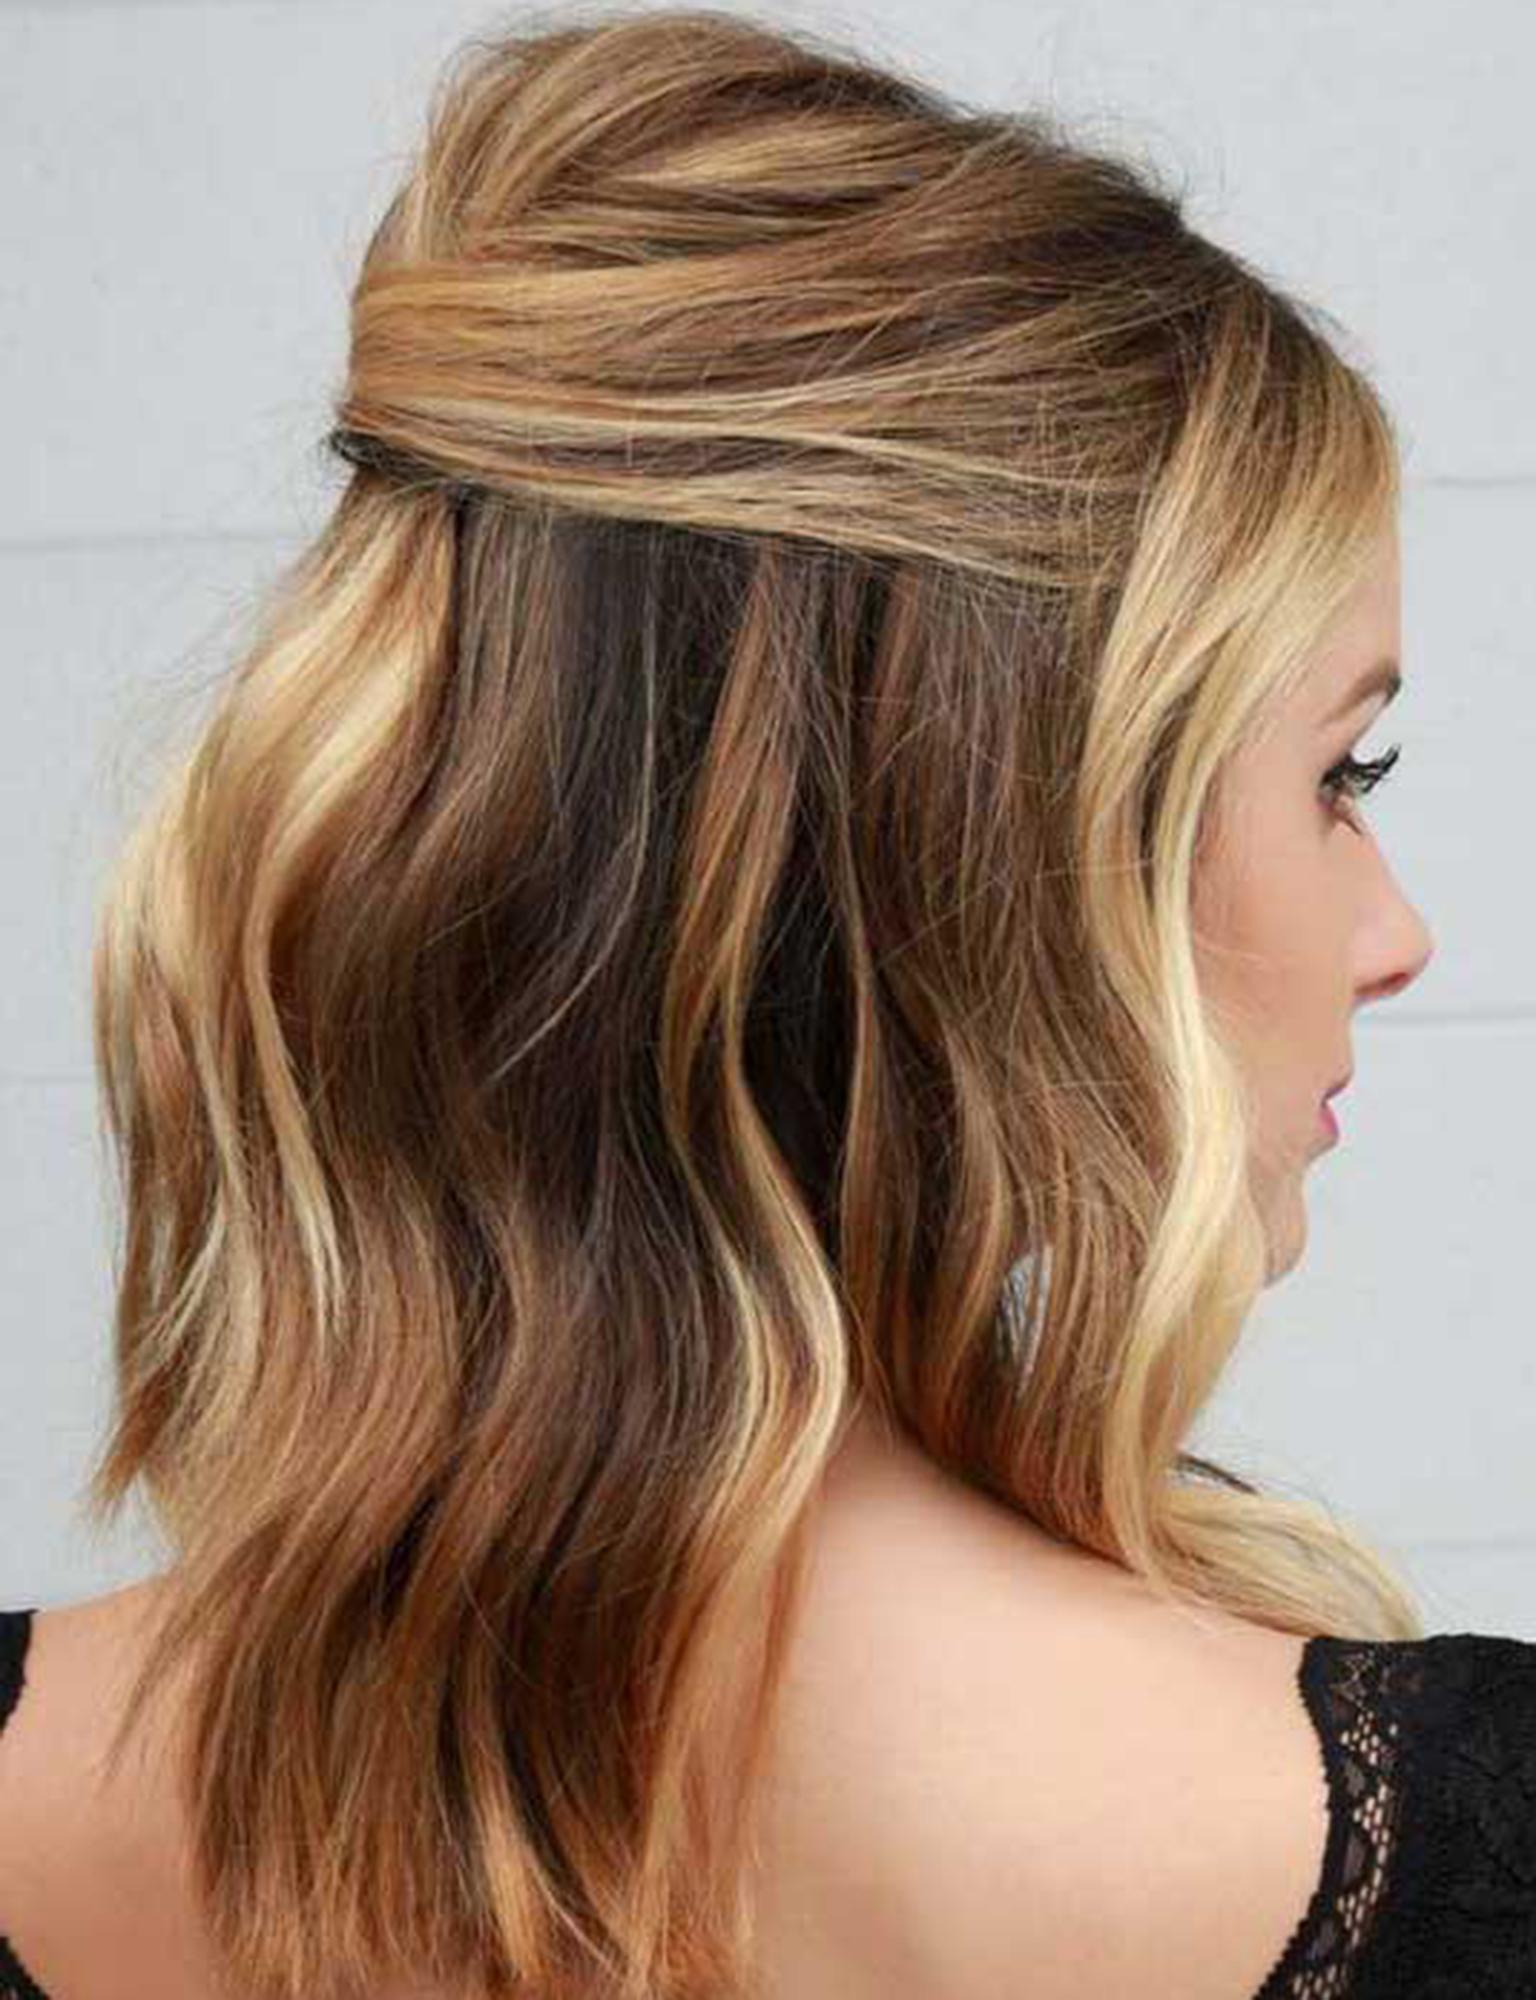 Coiffure Nos 15 Idees Pour Cheveux Detaches Femme Actuelle